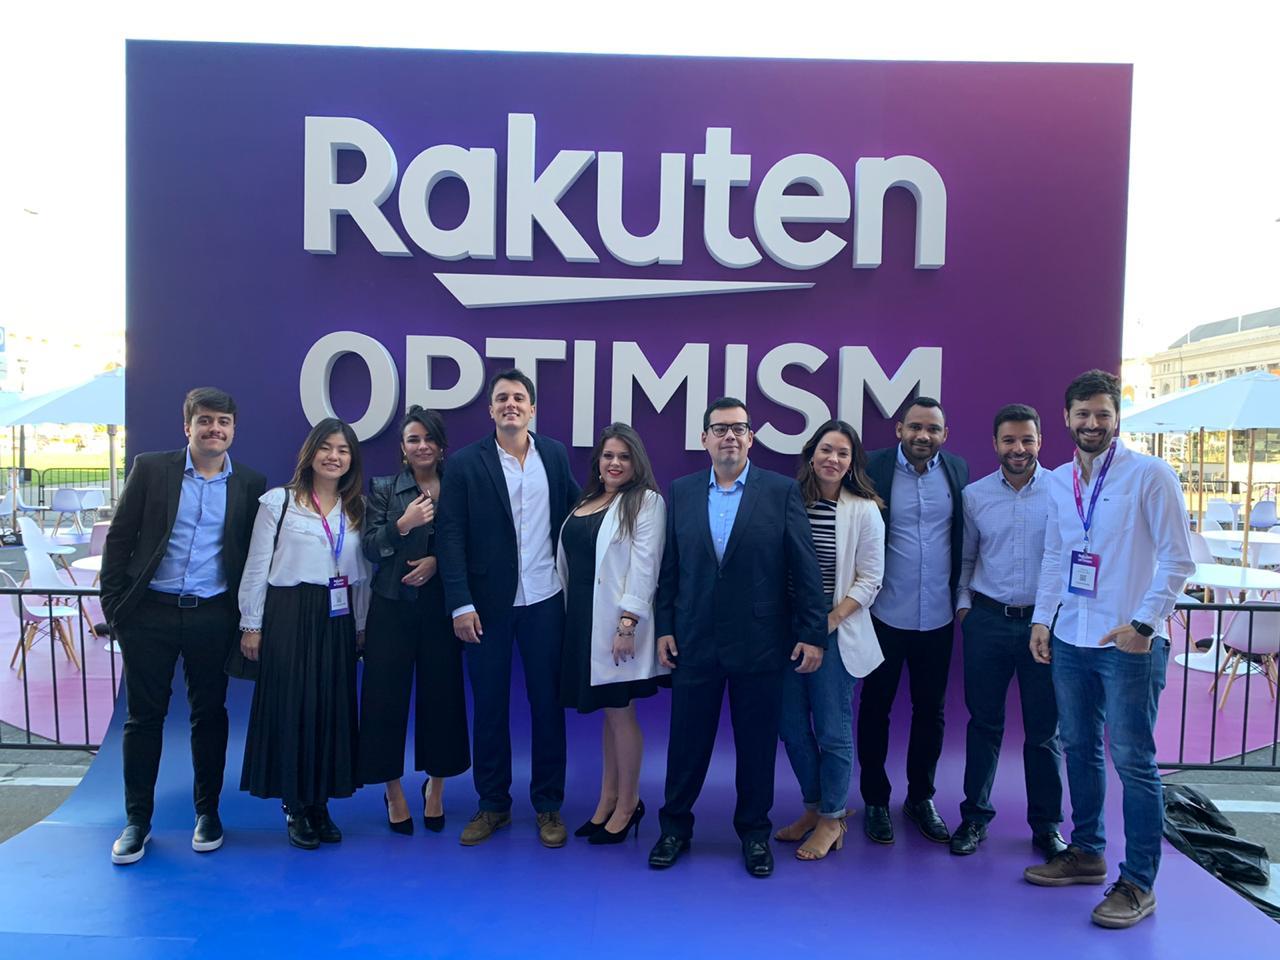 Rakuten Optimism 2019: #tbt da viagem que reuniu o time da Rakuten Marketing Brasil e convidados durante cinco dias em São Francisco